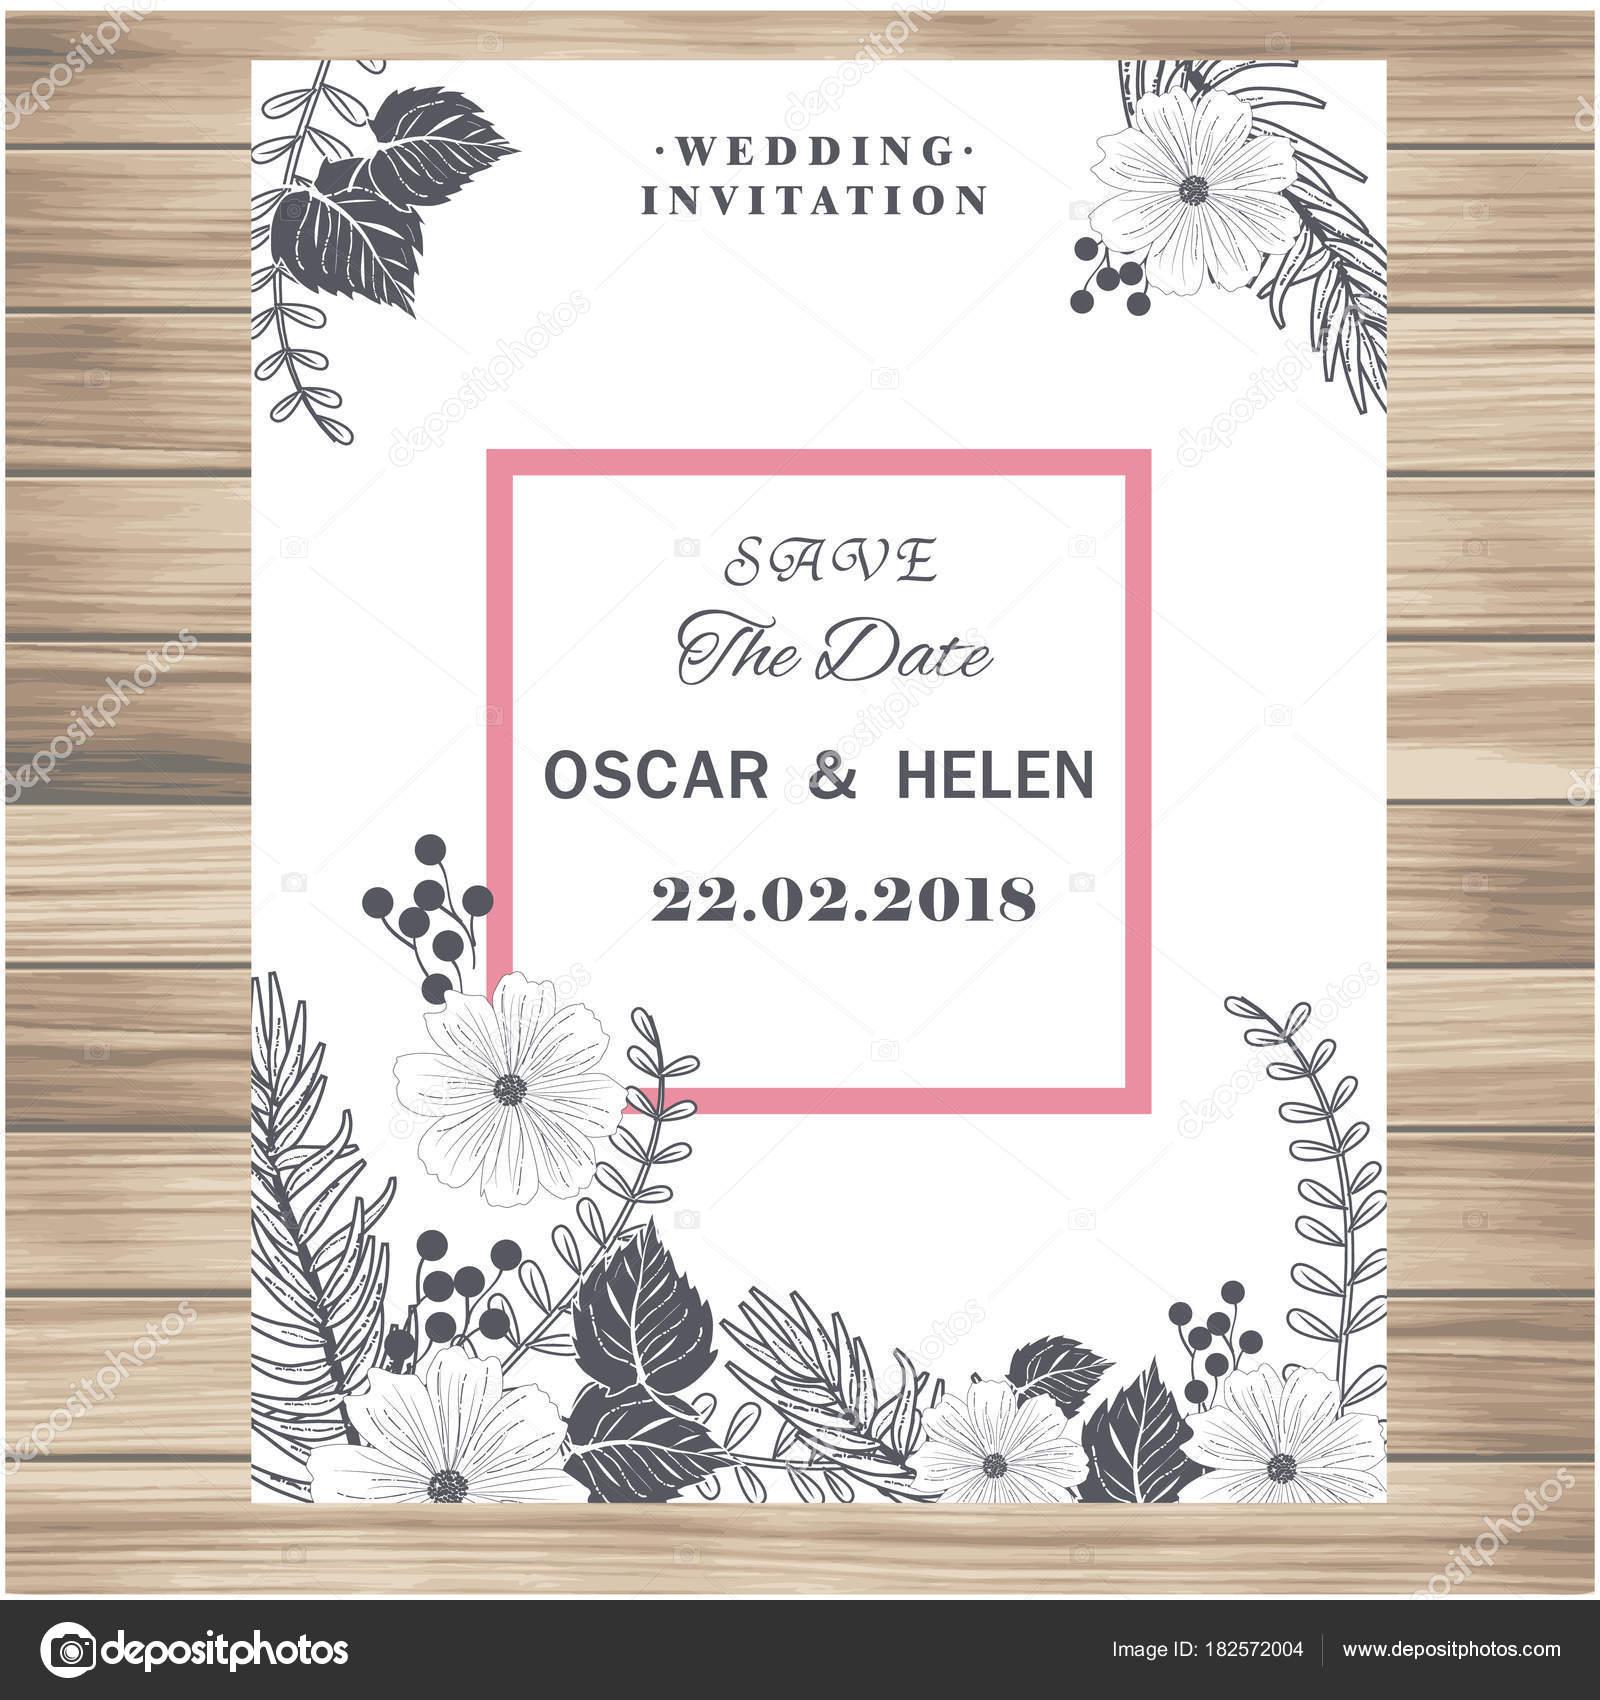 Hochzeit Einladung Vintage Weiße Blumen Vanille Vektor Hintergrundbild U2014  Stockvektor